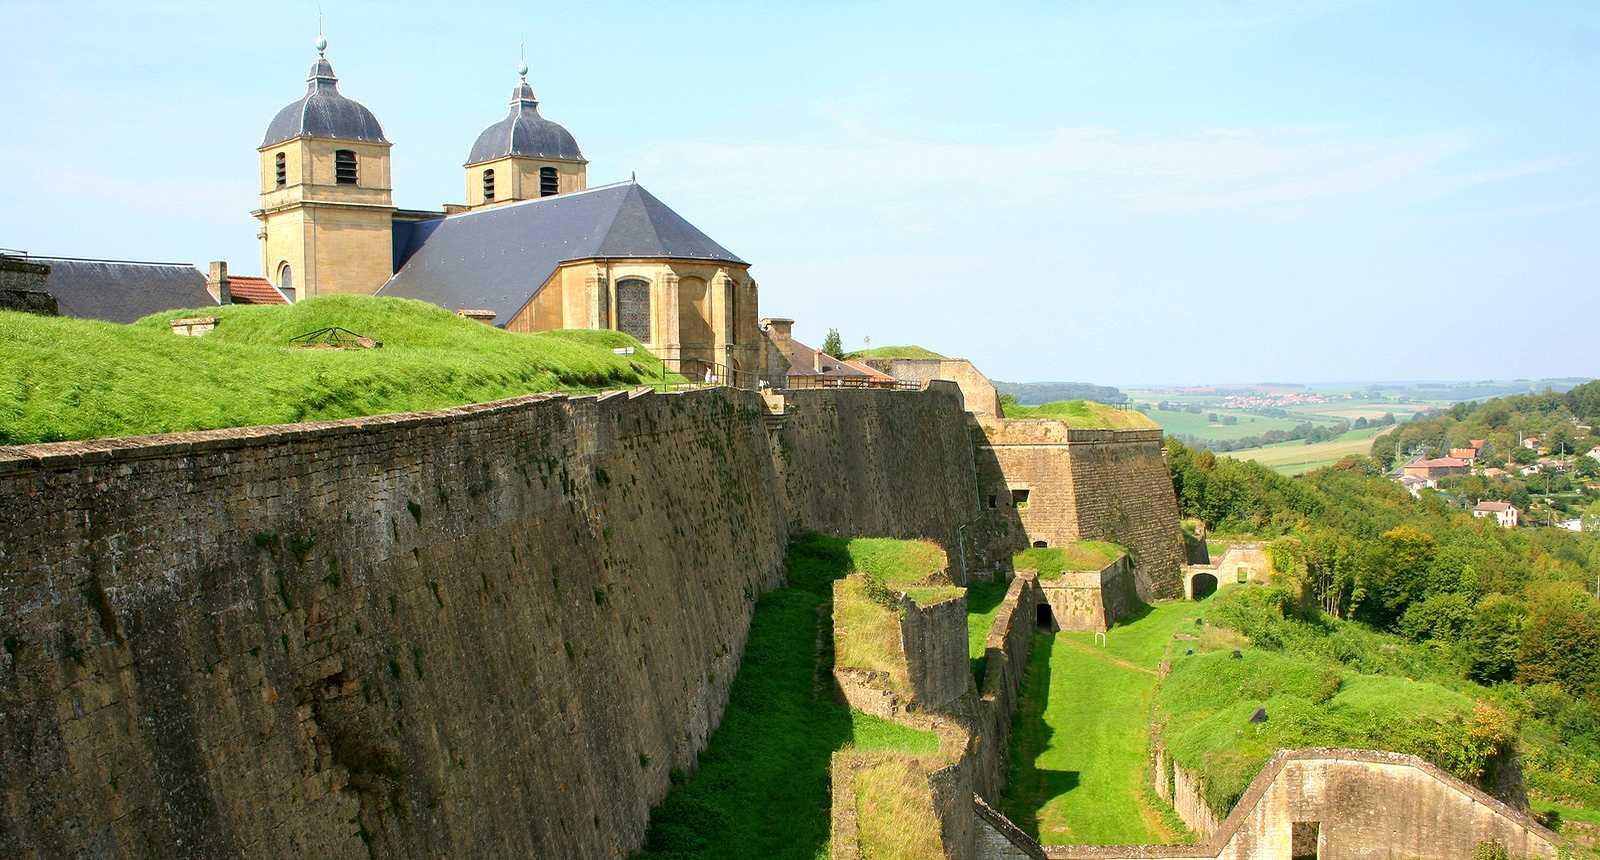 Les fortifications Vauban et l'église Saint-Martin de Montmédy